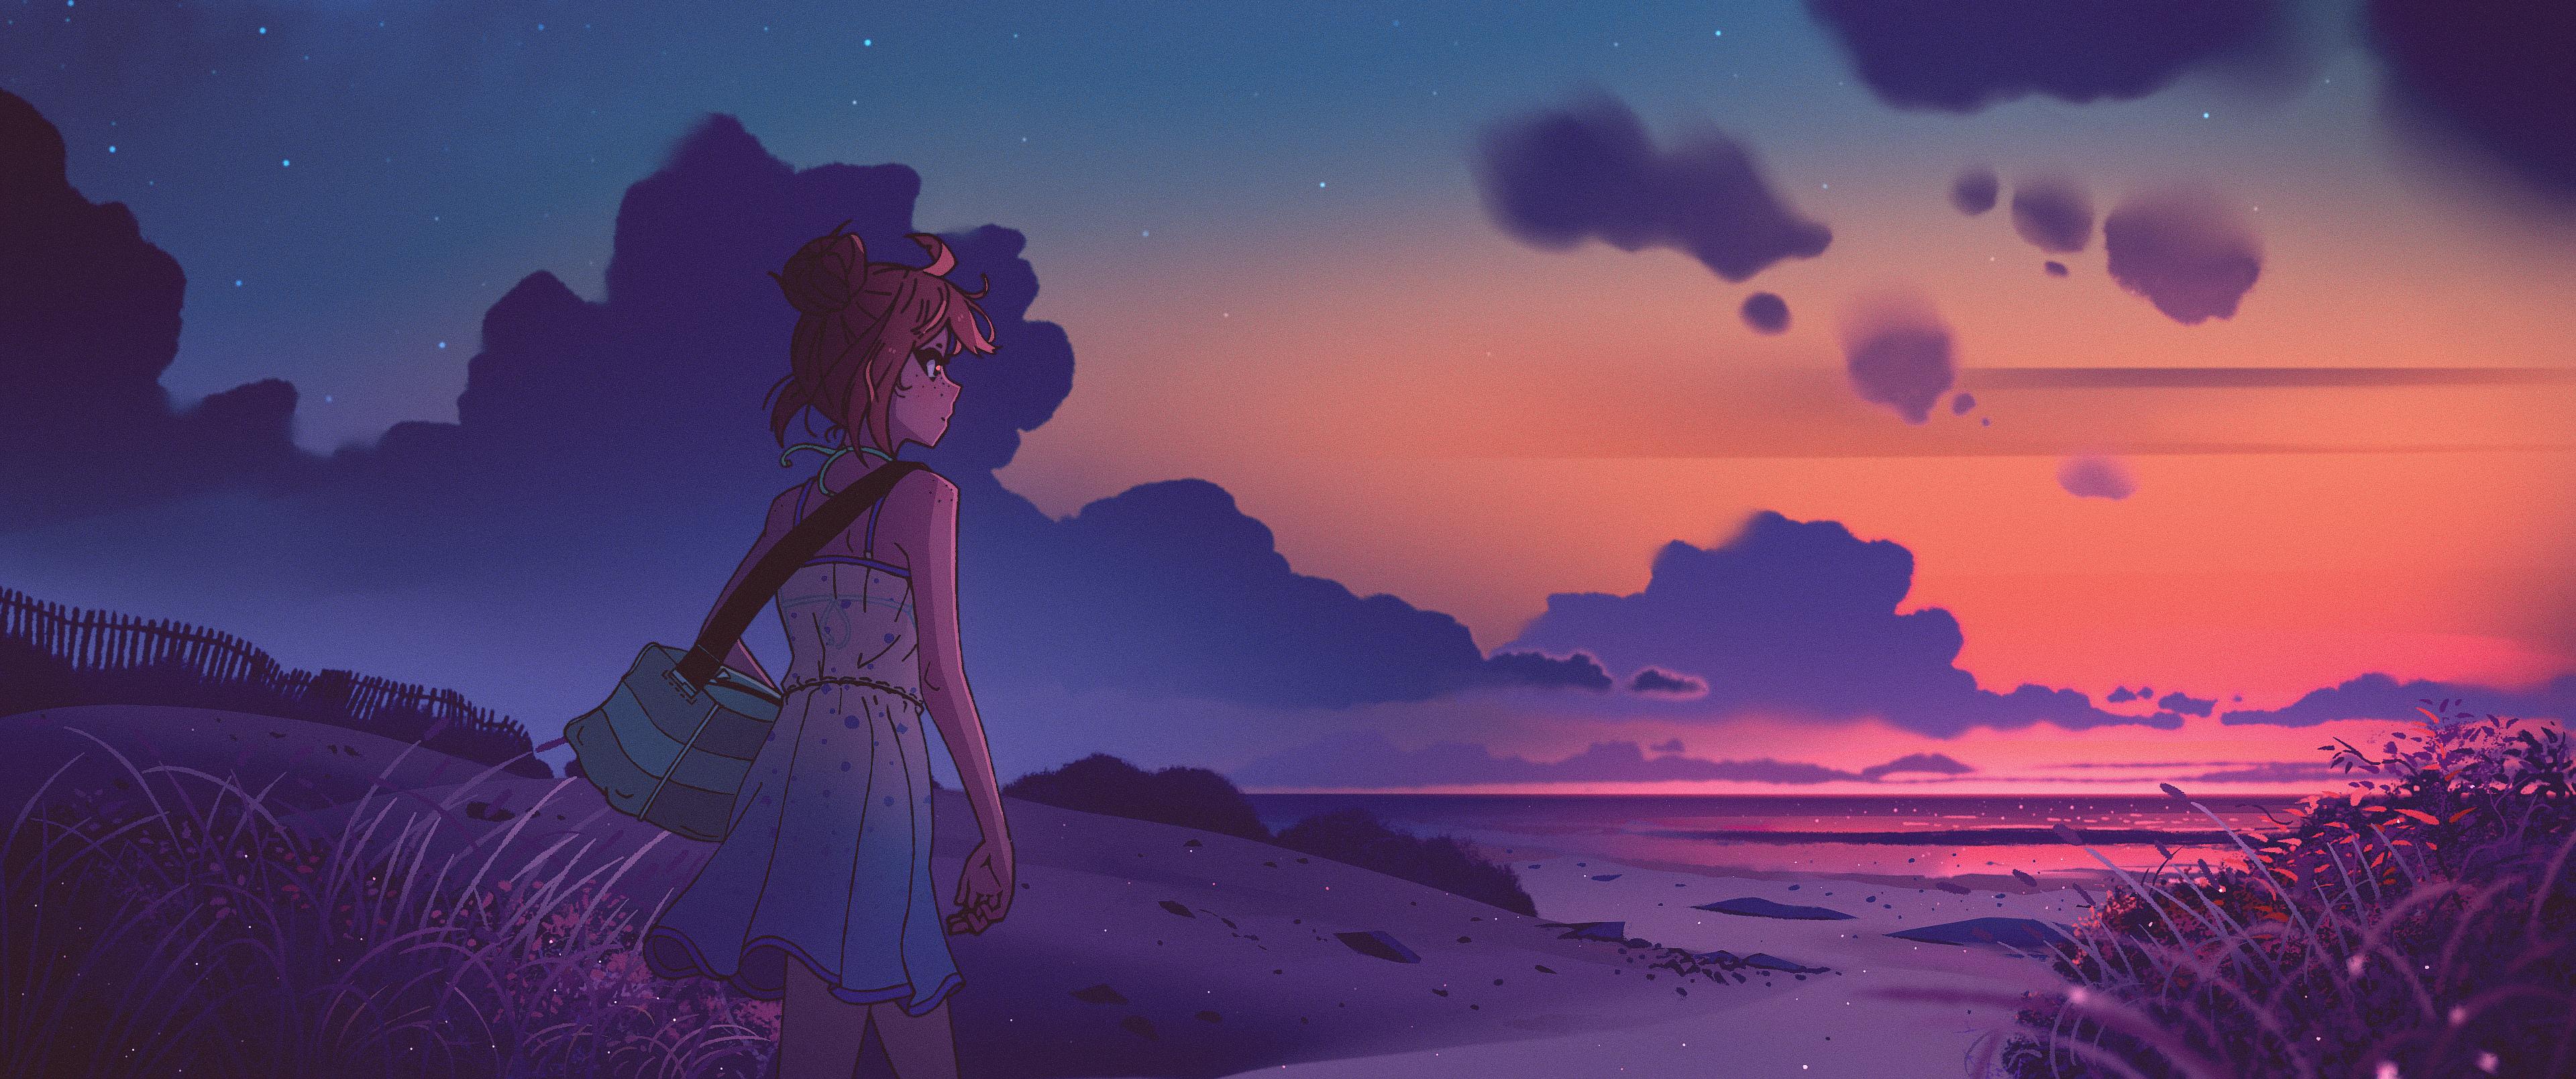 Artwork SouredApple Landscape Sunset Clouds Women Beach 3840x1608